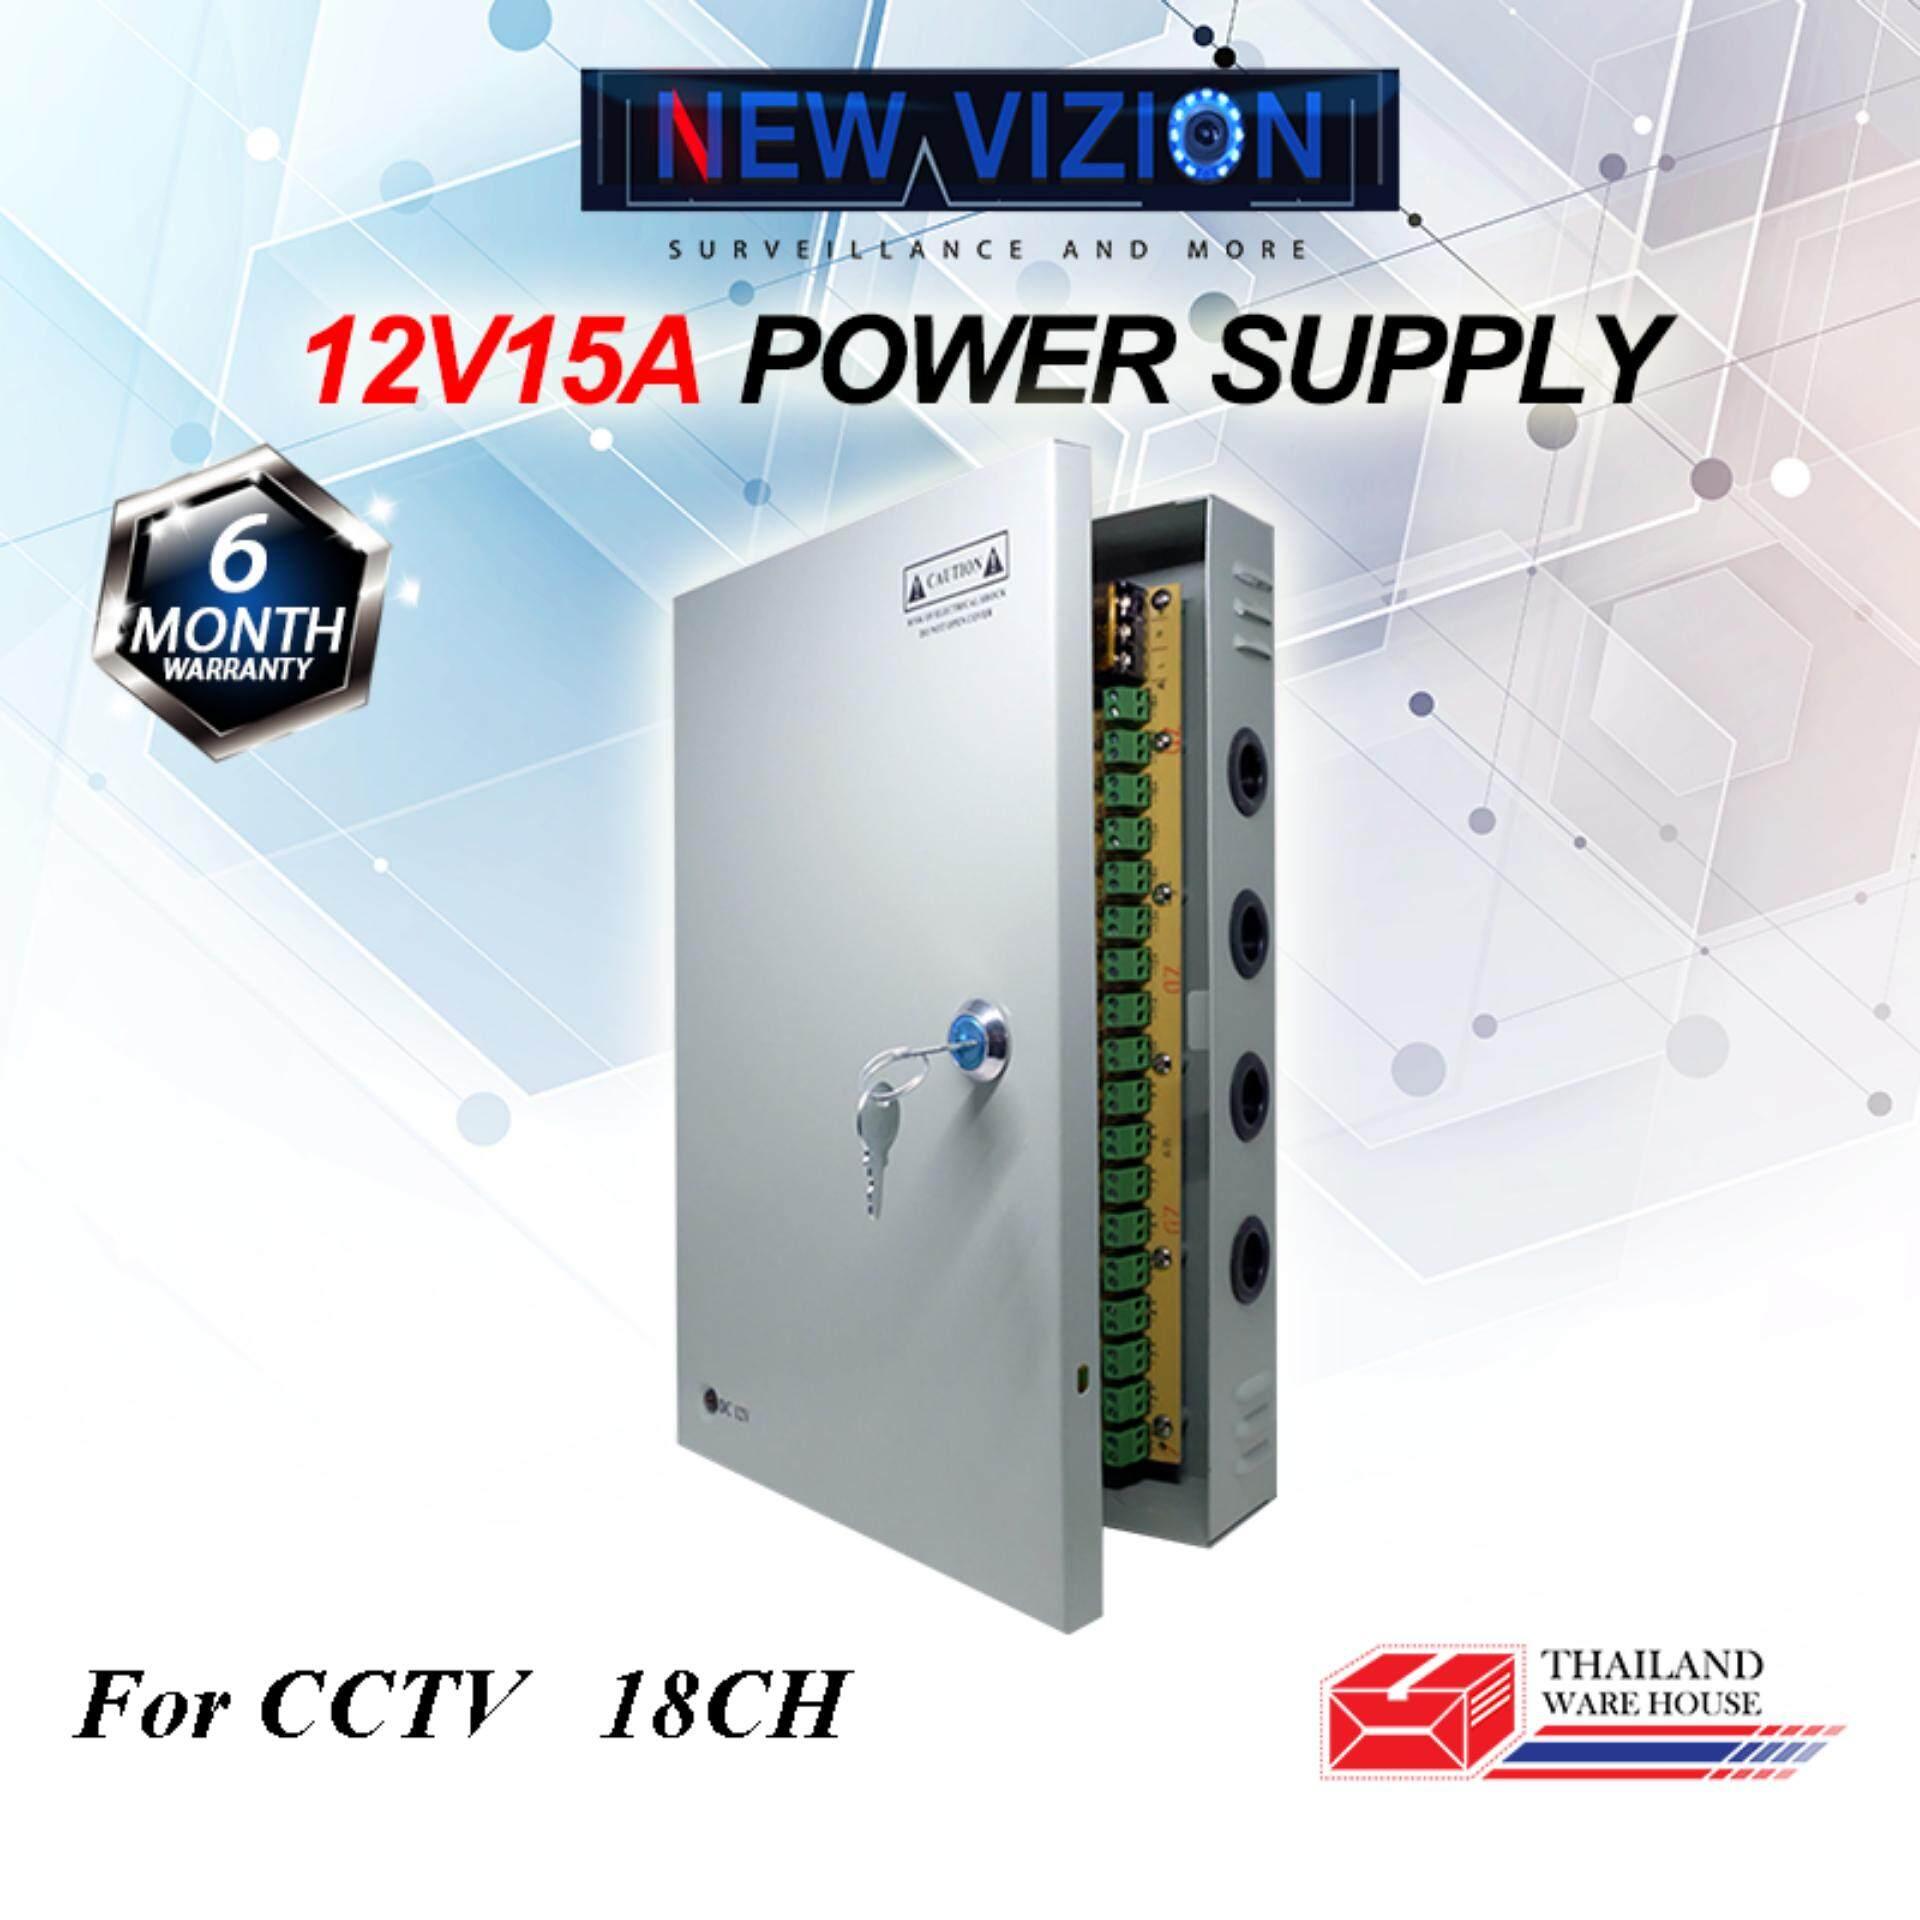 ตู้จ่ายไฟ 12 V 15A Power Supply cctv box12V 15A for Security Cameras with 18ch Fuse  สำหรับกล้องวงจรปิด 18 ตัว